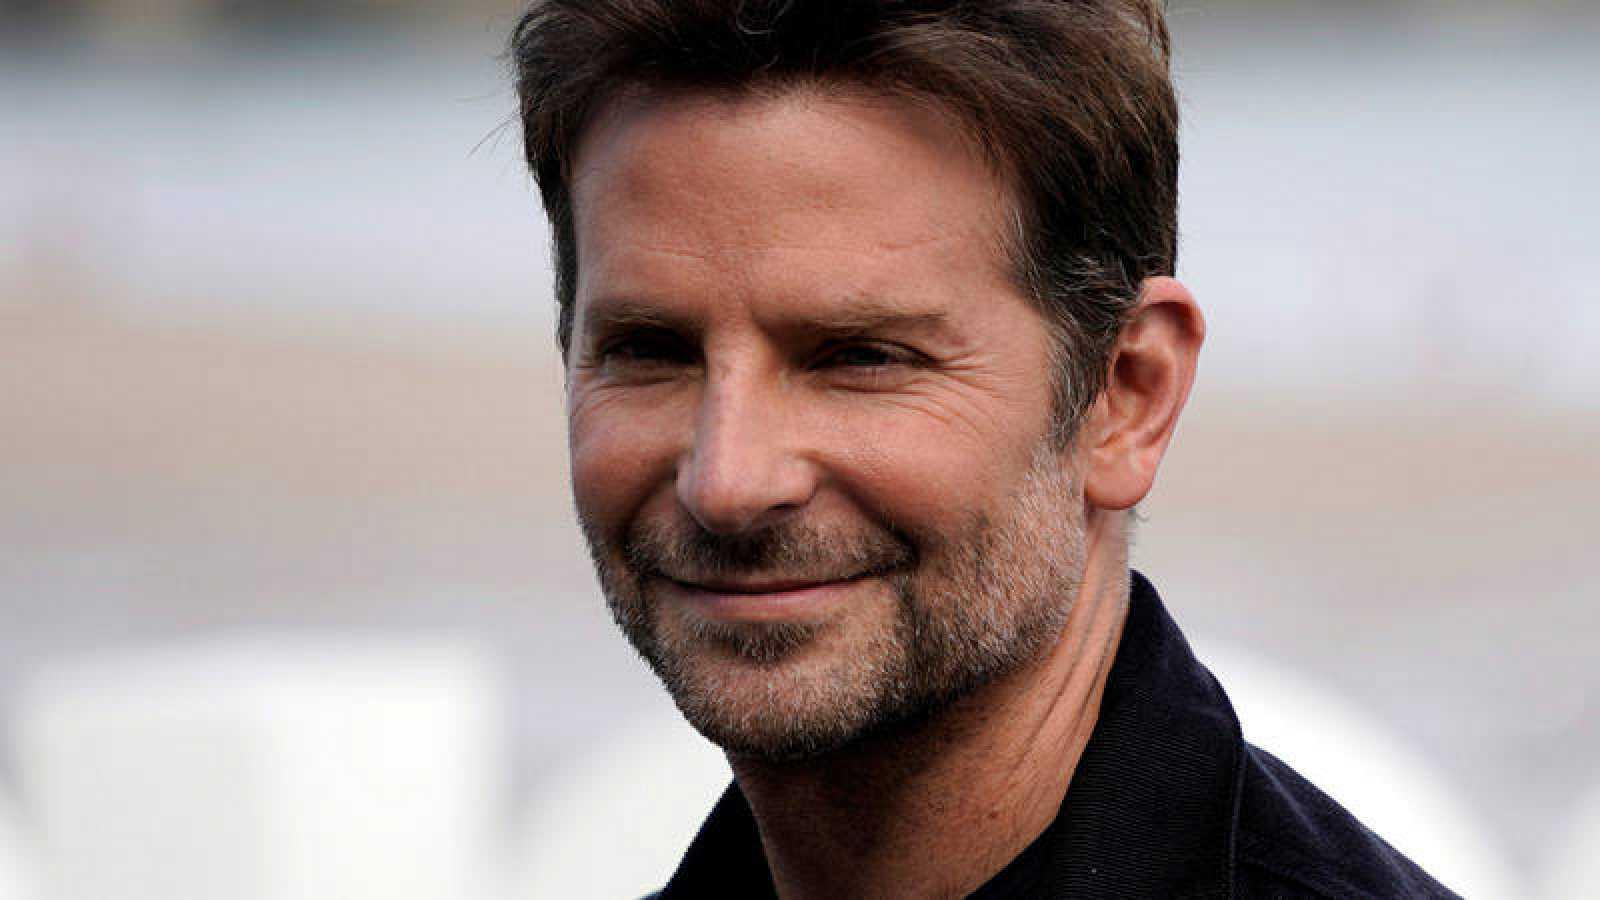 El actor y director estadounidense Bradley Cooper, en San Sebastián.